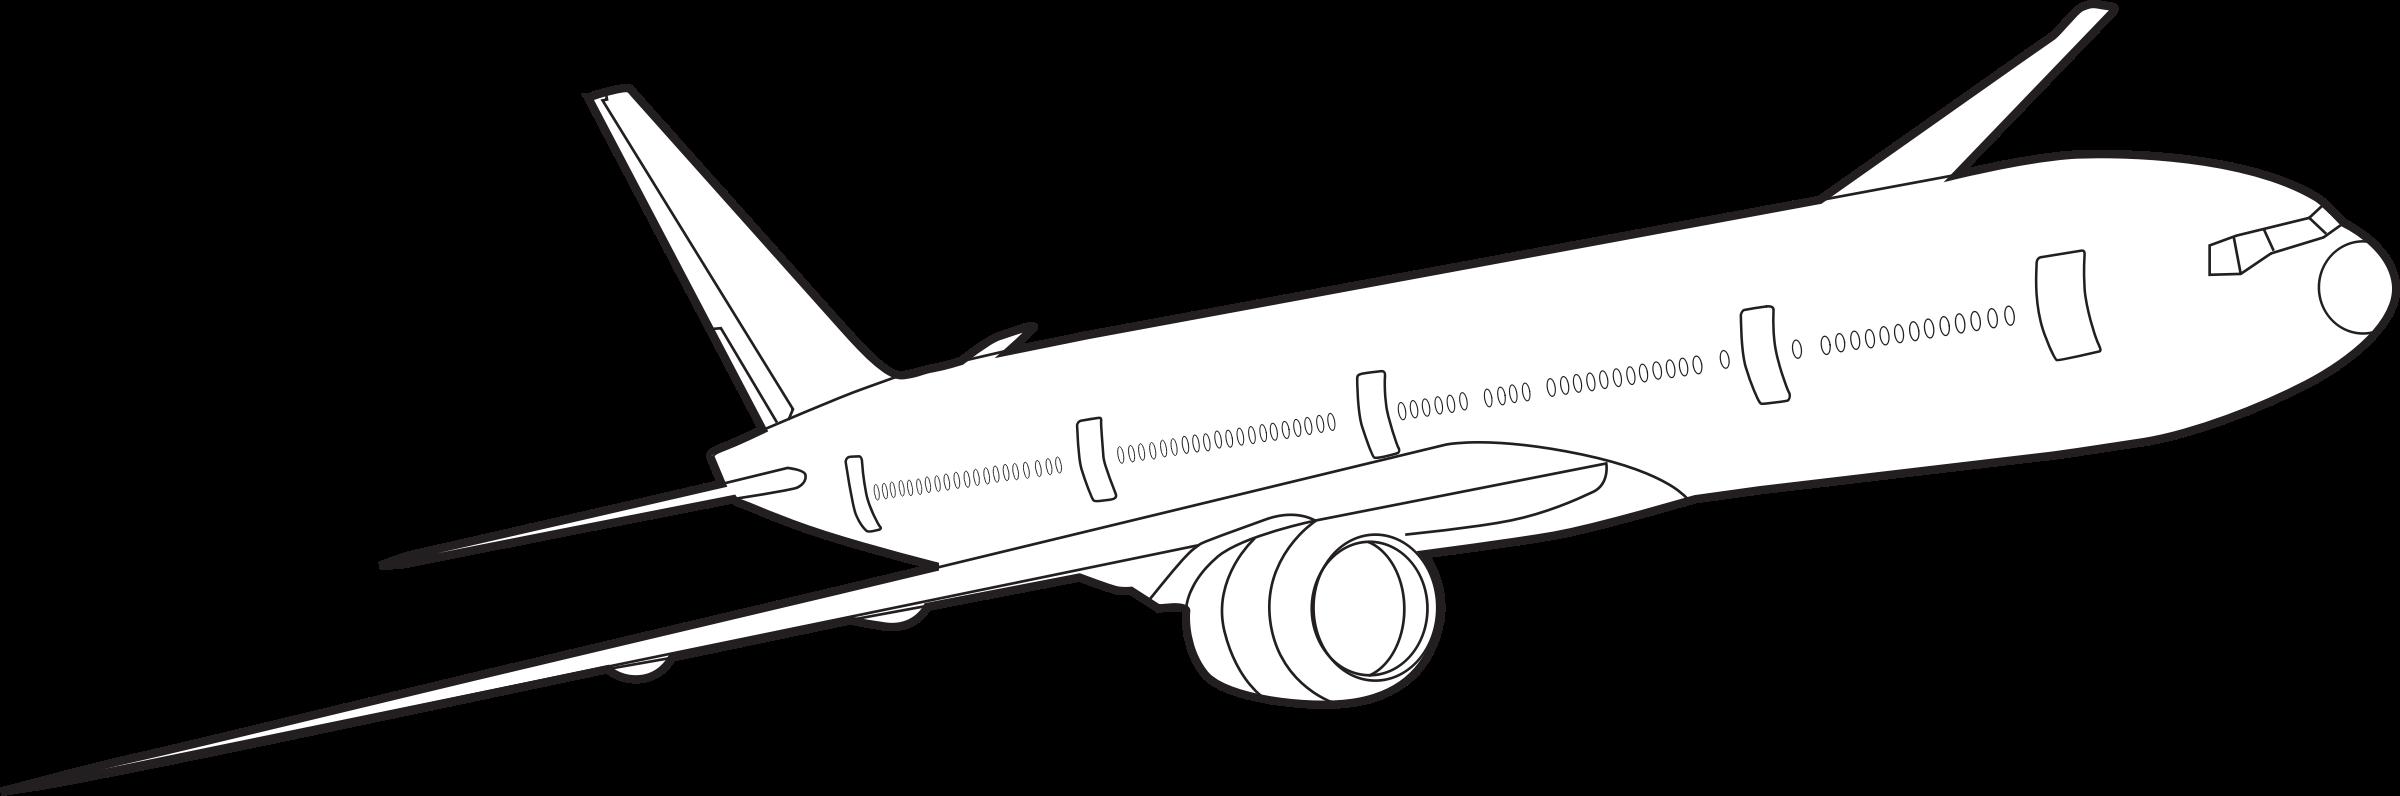 vliegtuig13